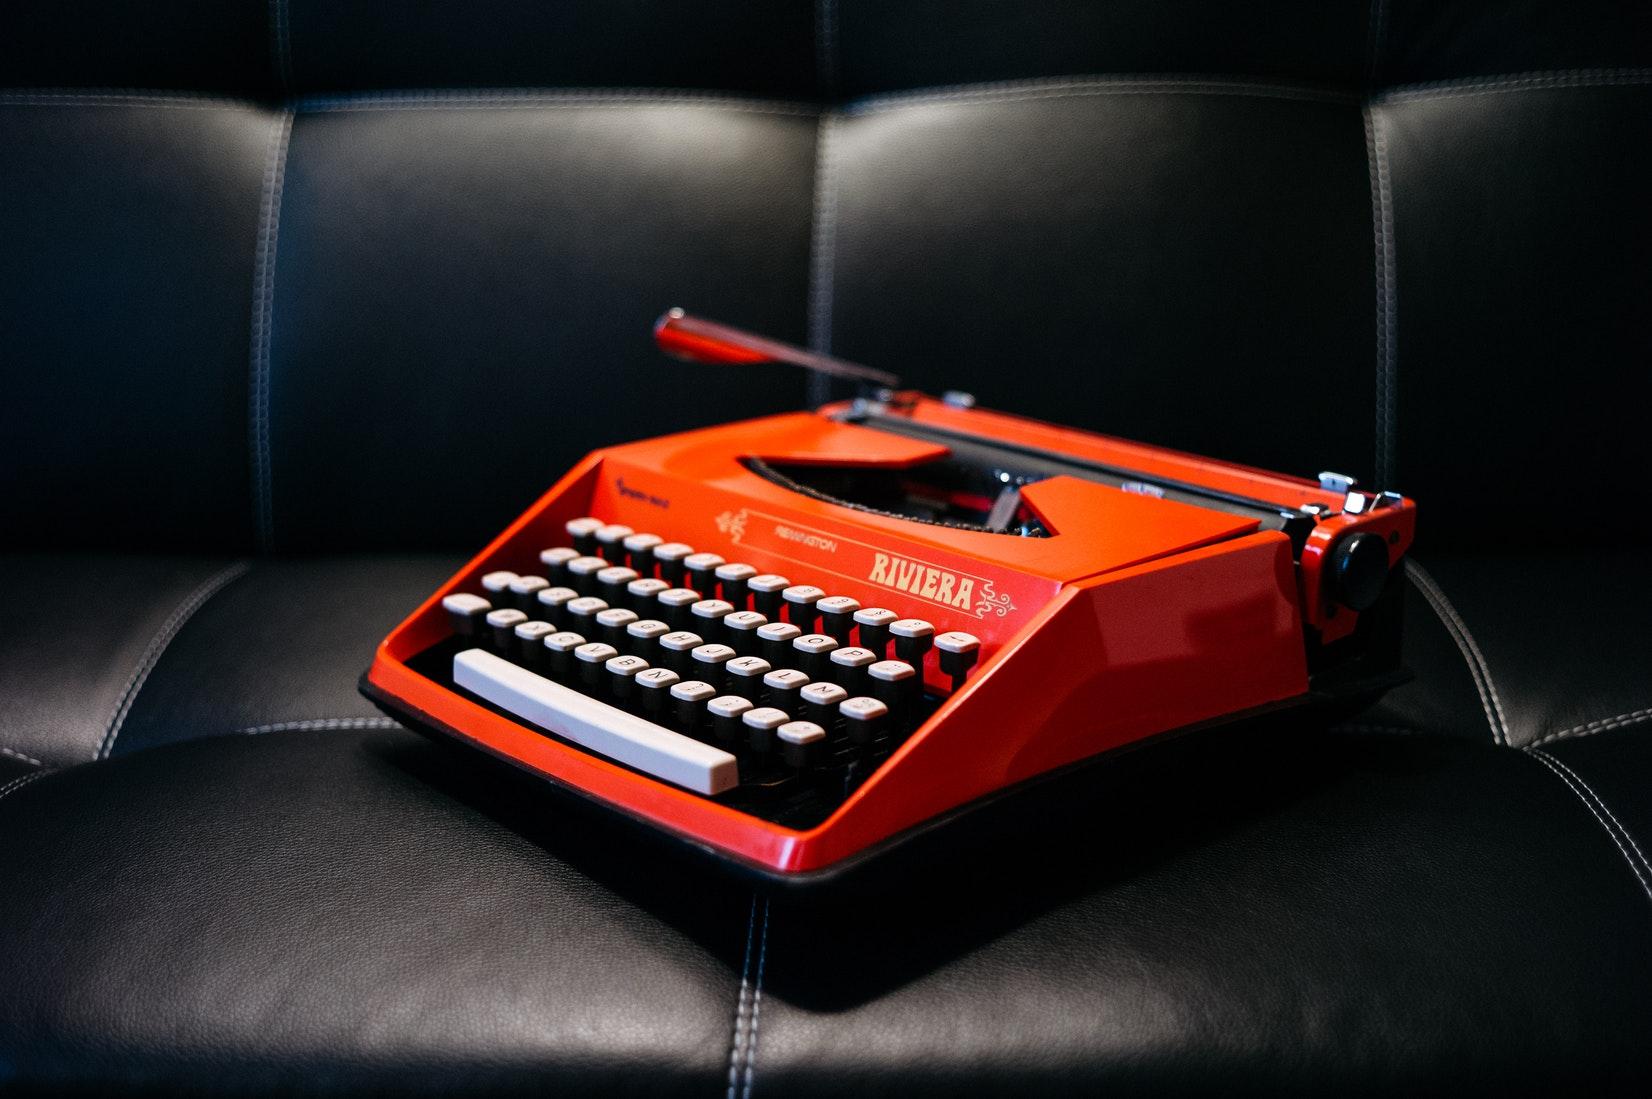 从写作、排版、学术、代码四个方向,挑选适合自己的文本编辑器